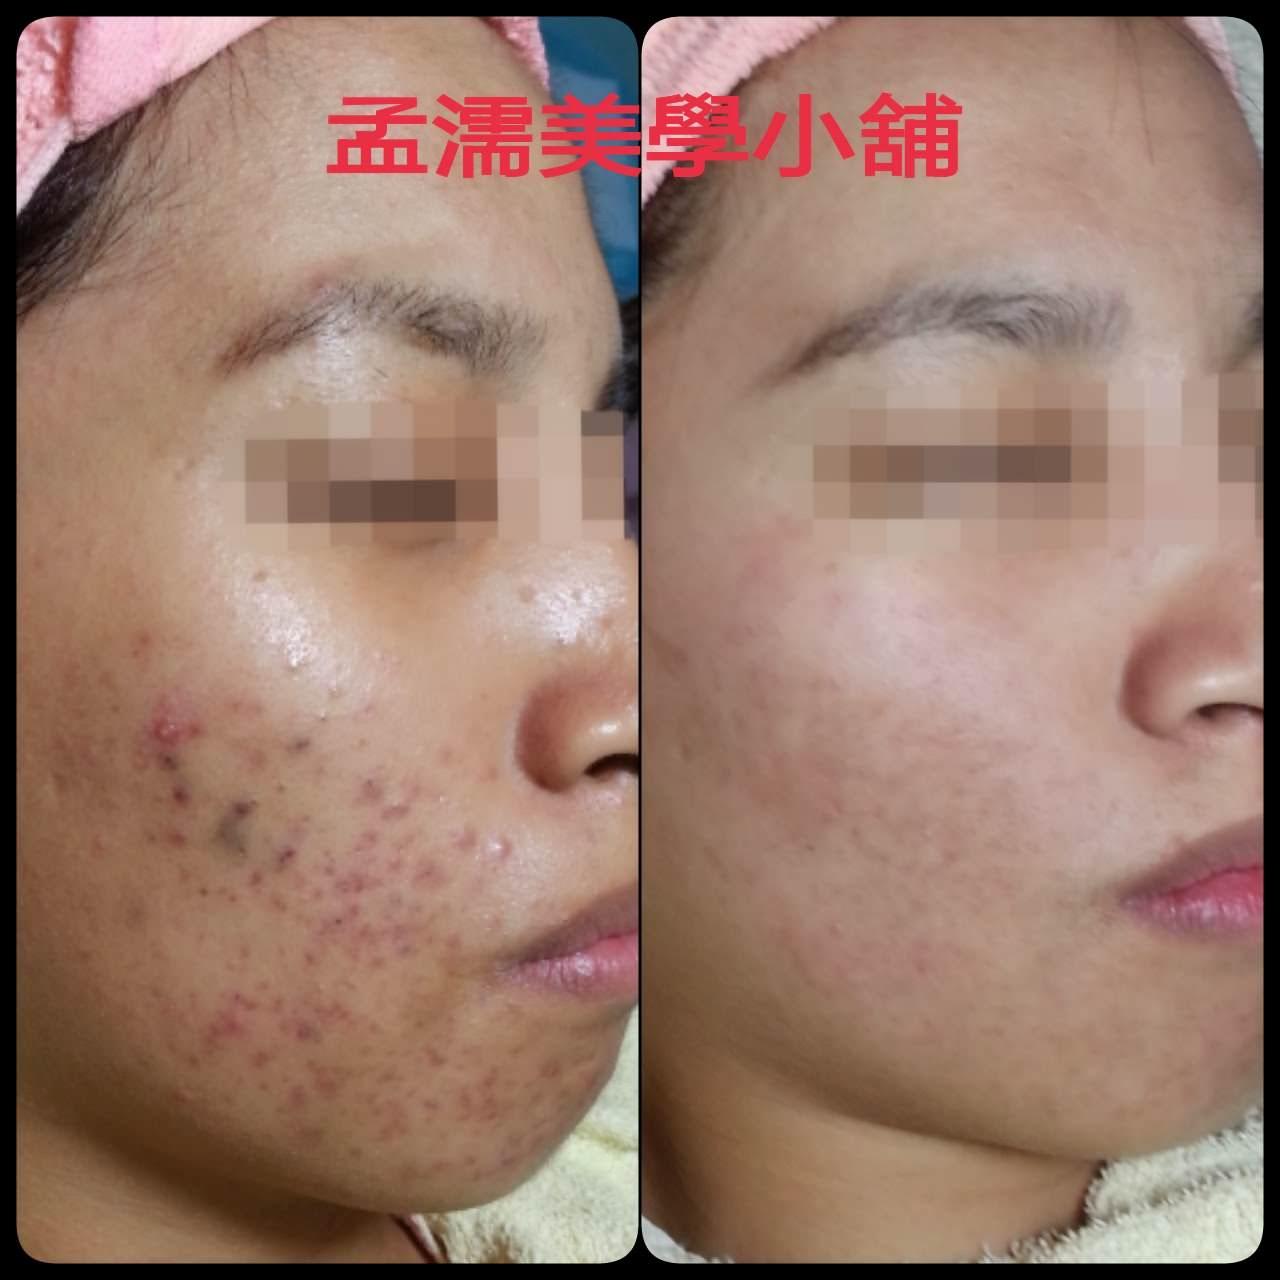 臉部青春痘(痤瘡)如何處理改善